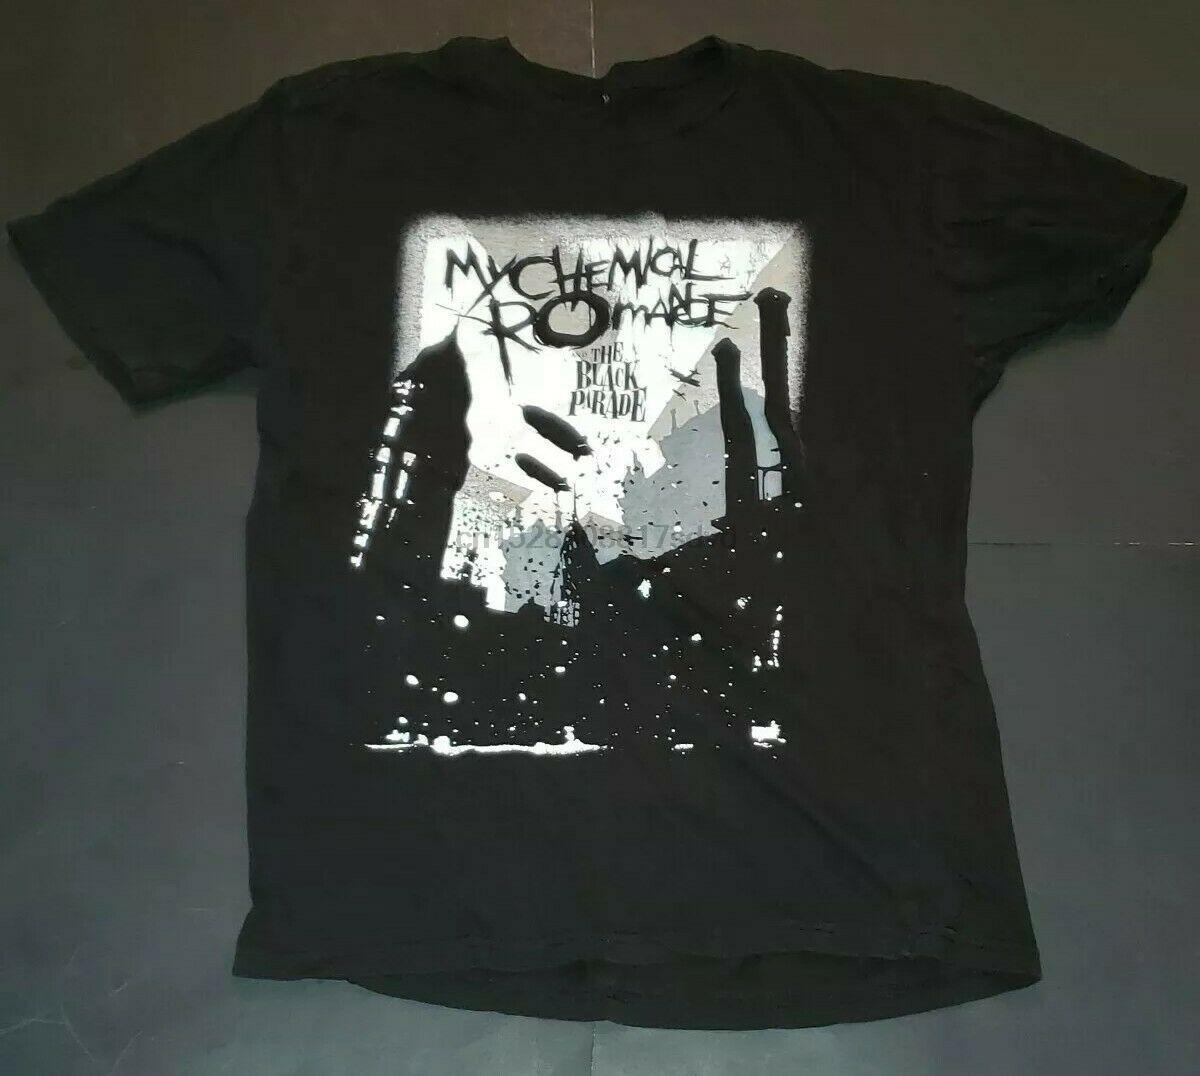 My Chemical Romance Parade maglietta No Tags Taglia M L vedi foto Per Misure 100% cotone T-shirt